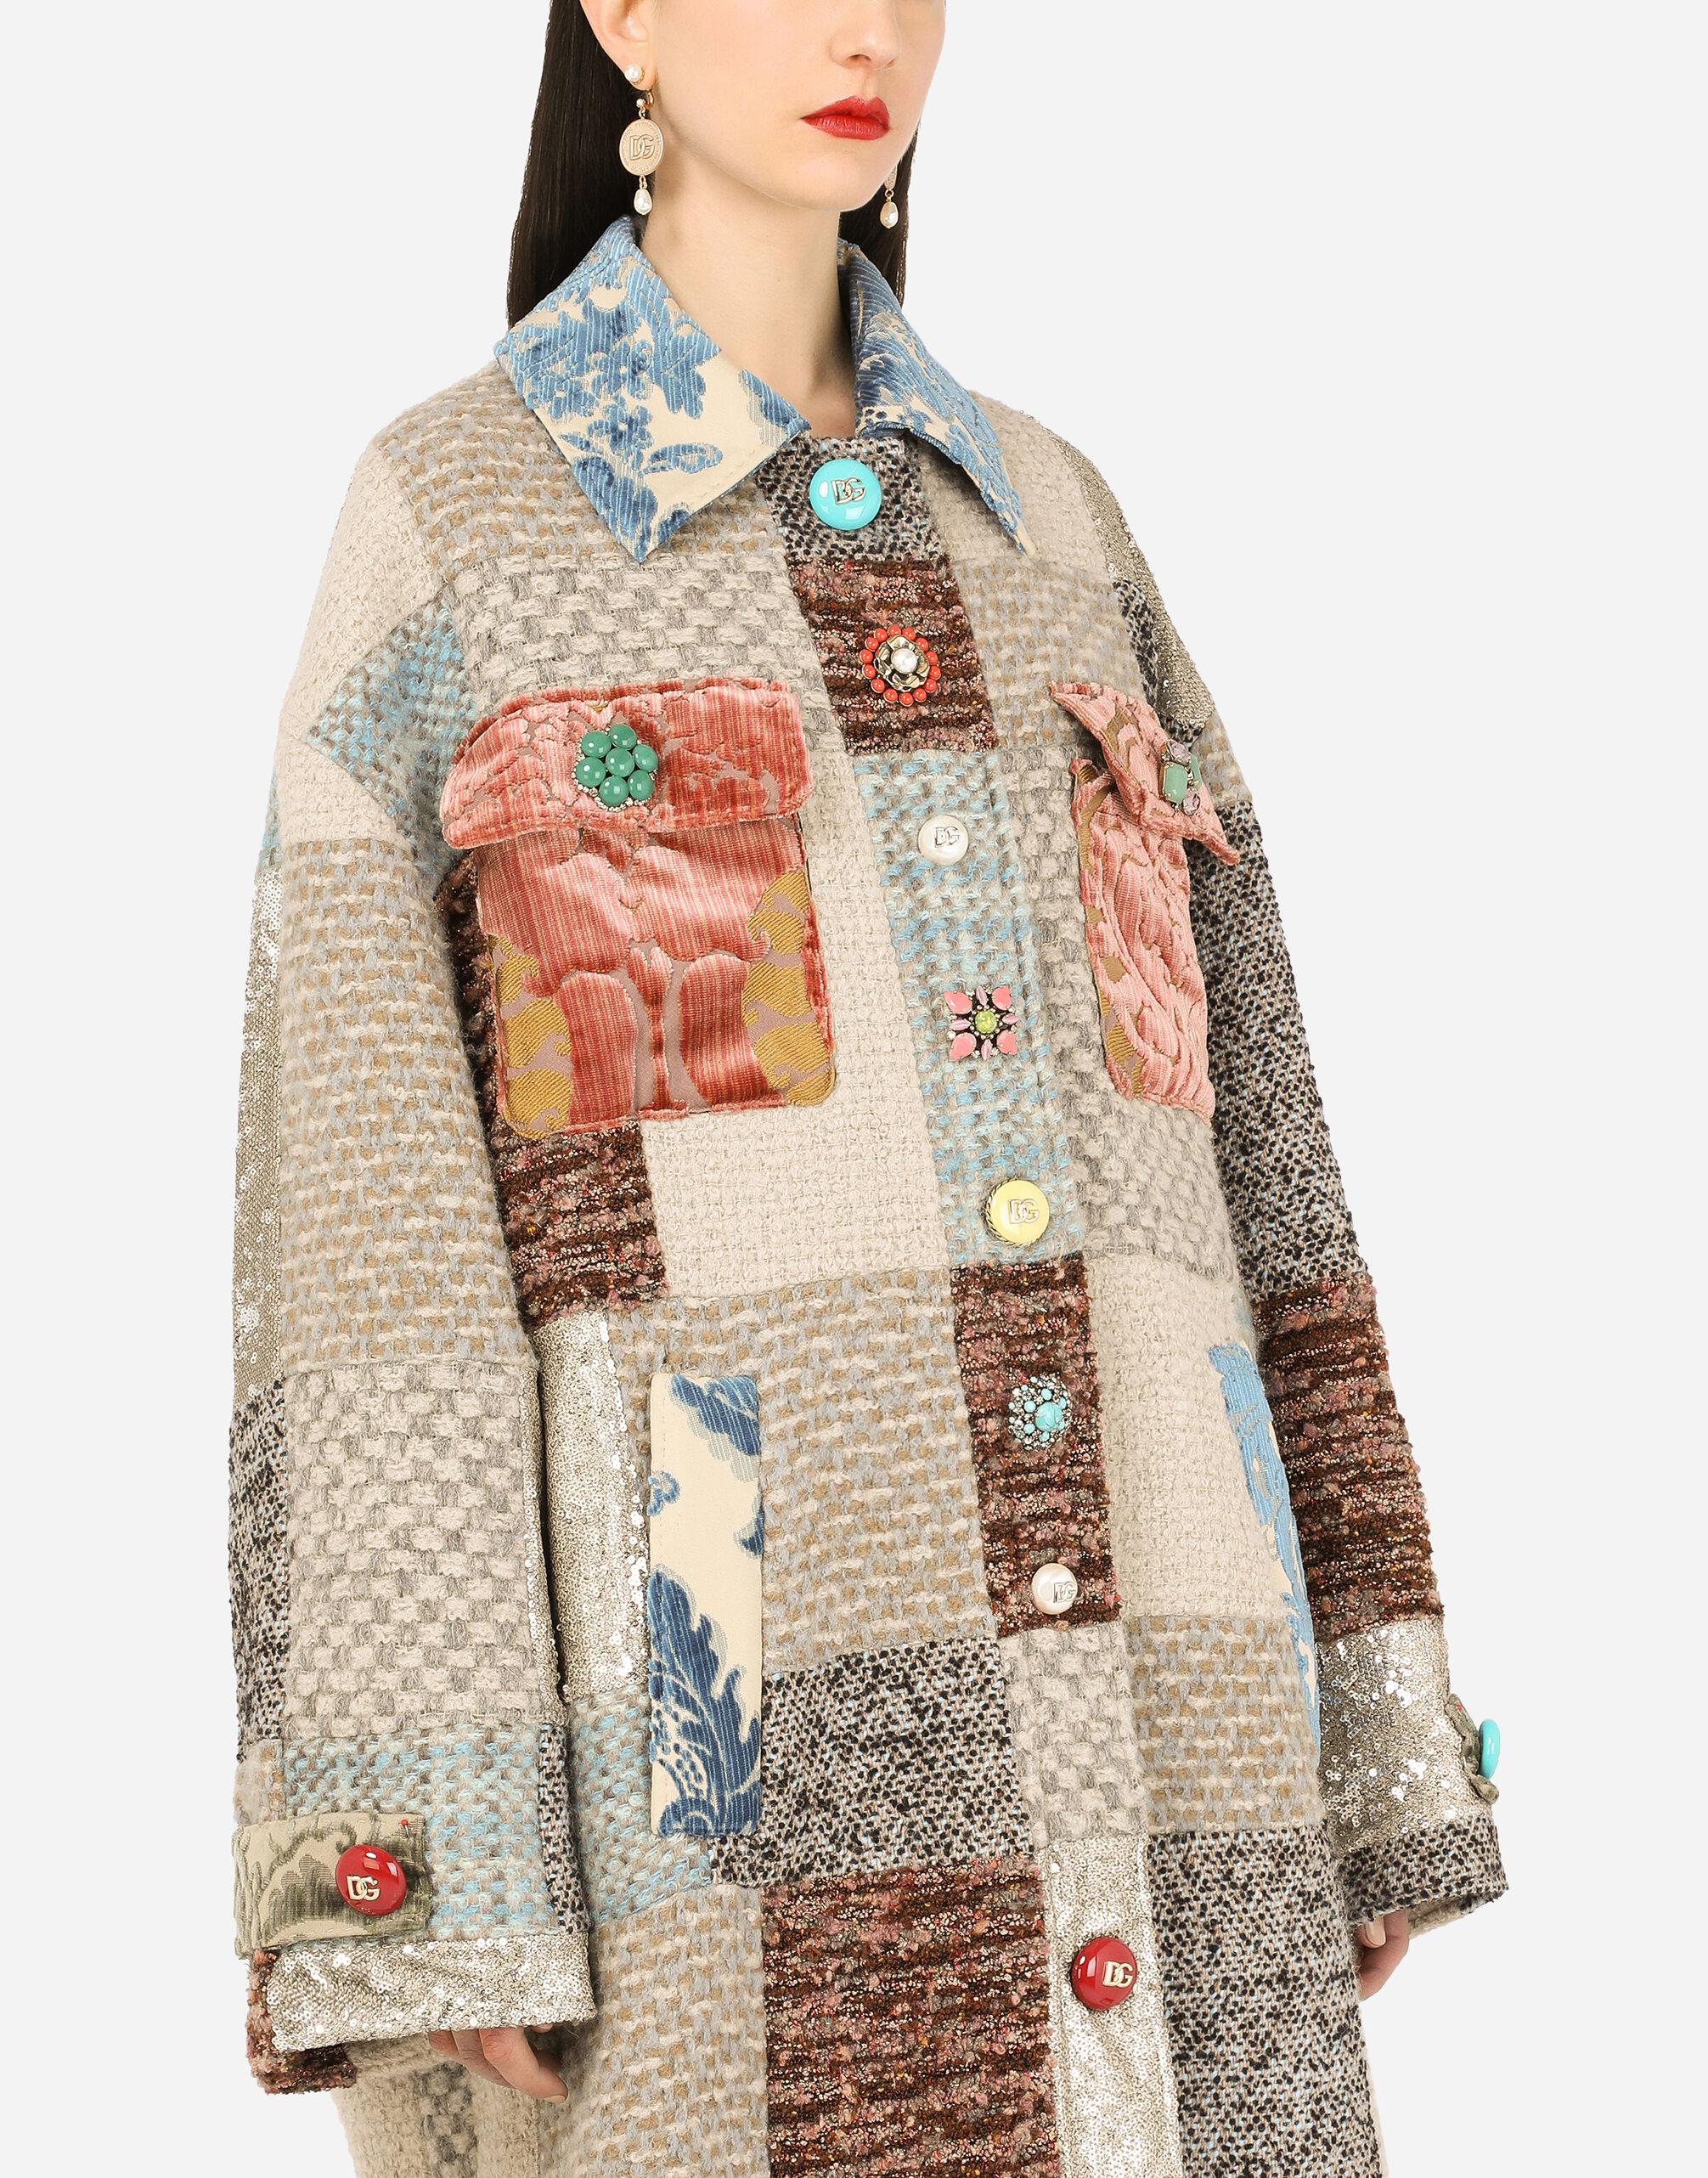 Cappotto in tweed patchwork con decori gioiello